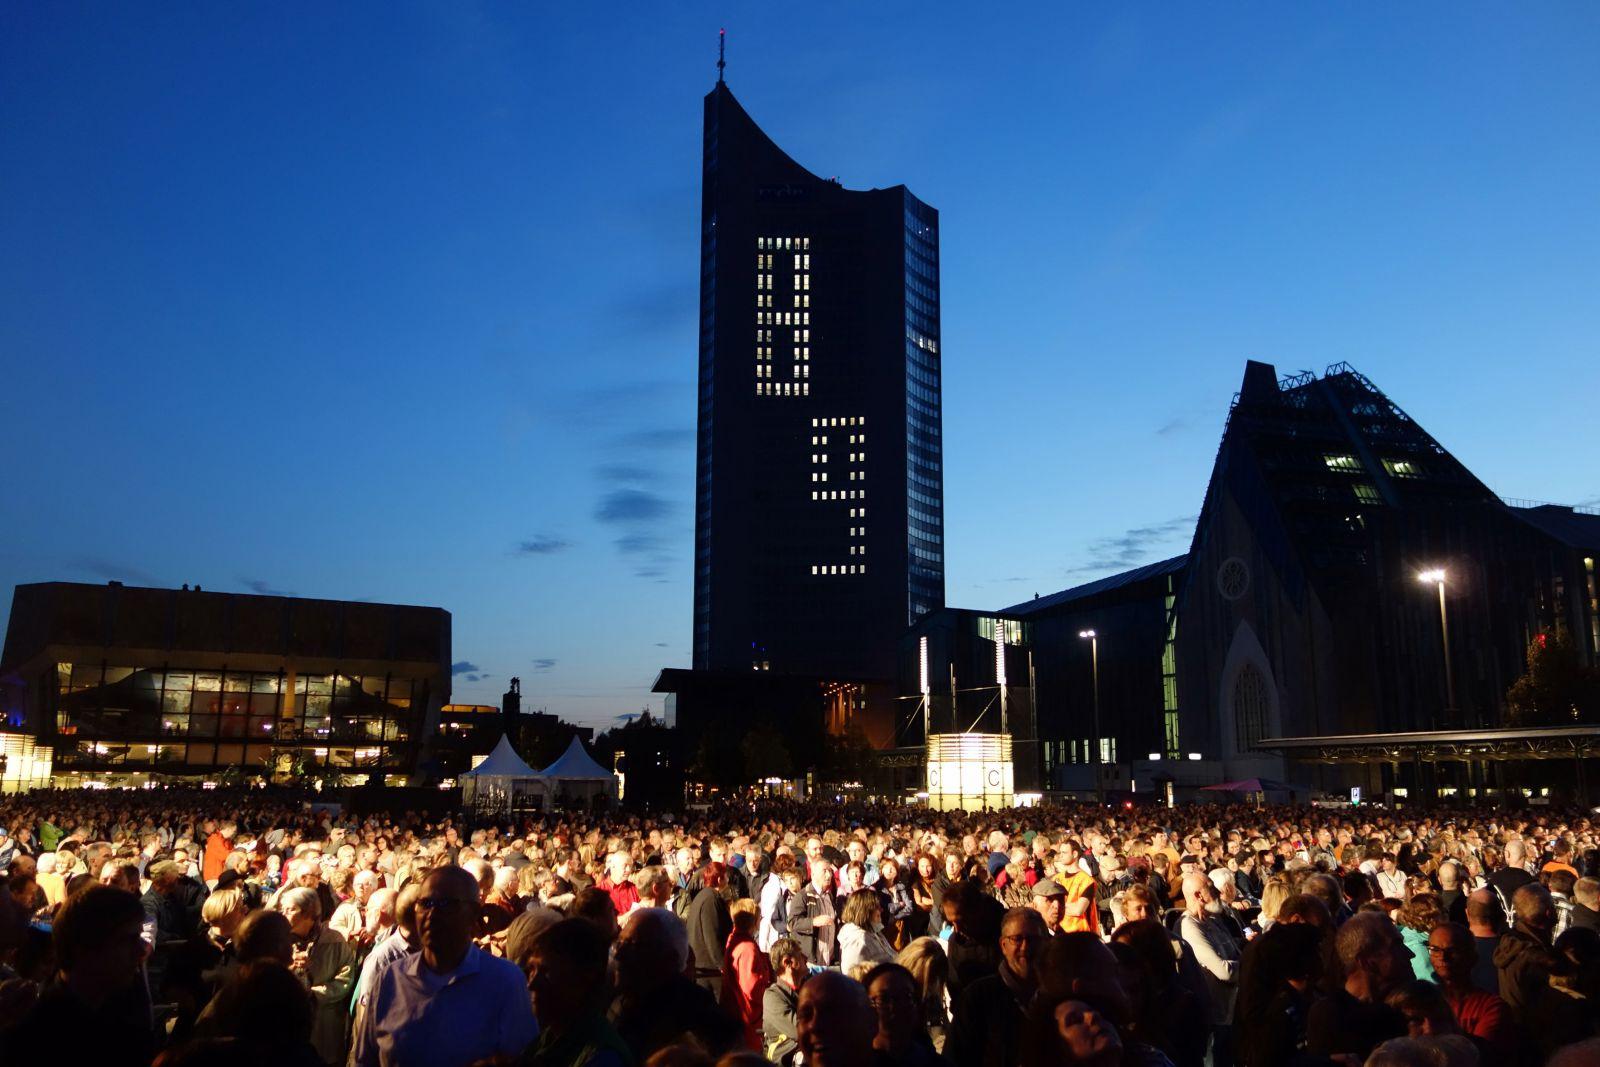 Festival delle Luci Lipsia